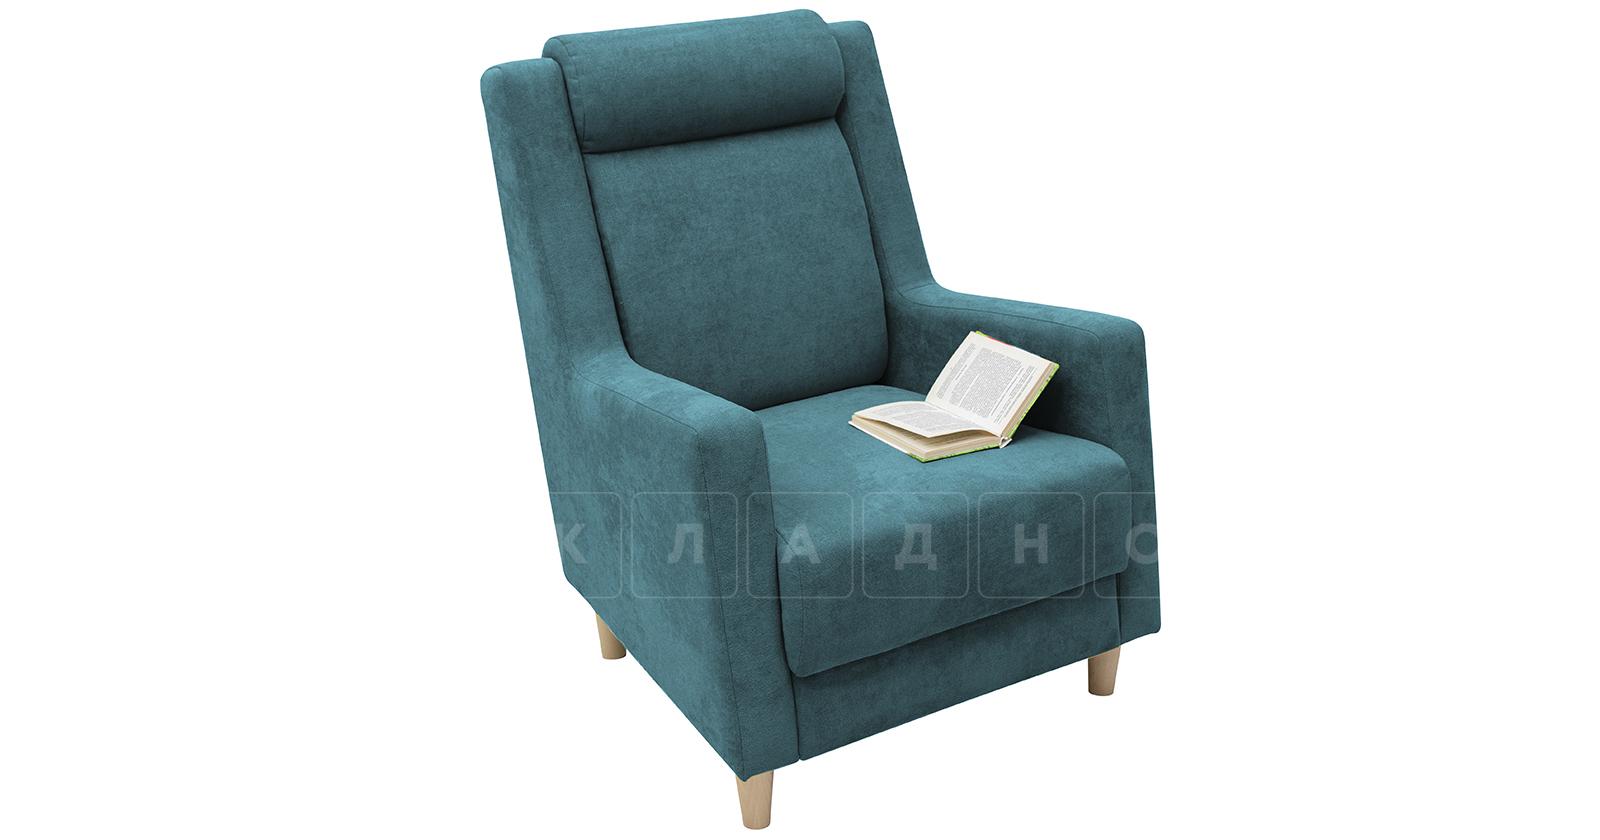 Кресло для отдыха Дарвин бирюзовый фото 5   интернет-магазин Складно